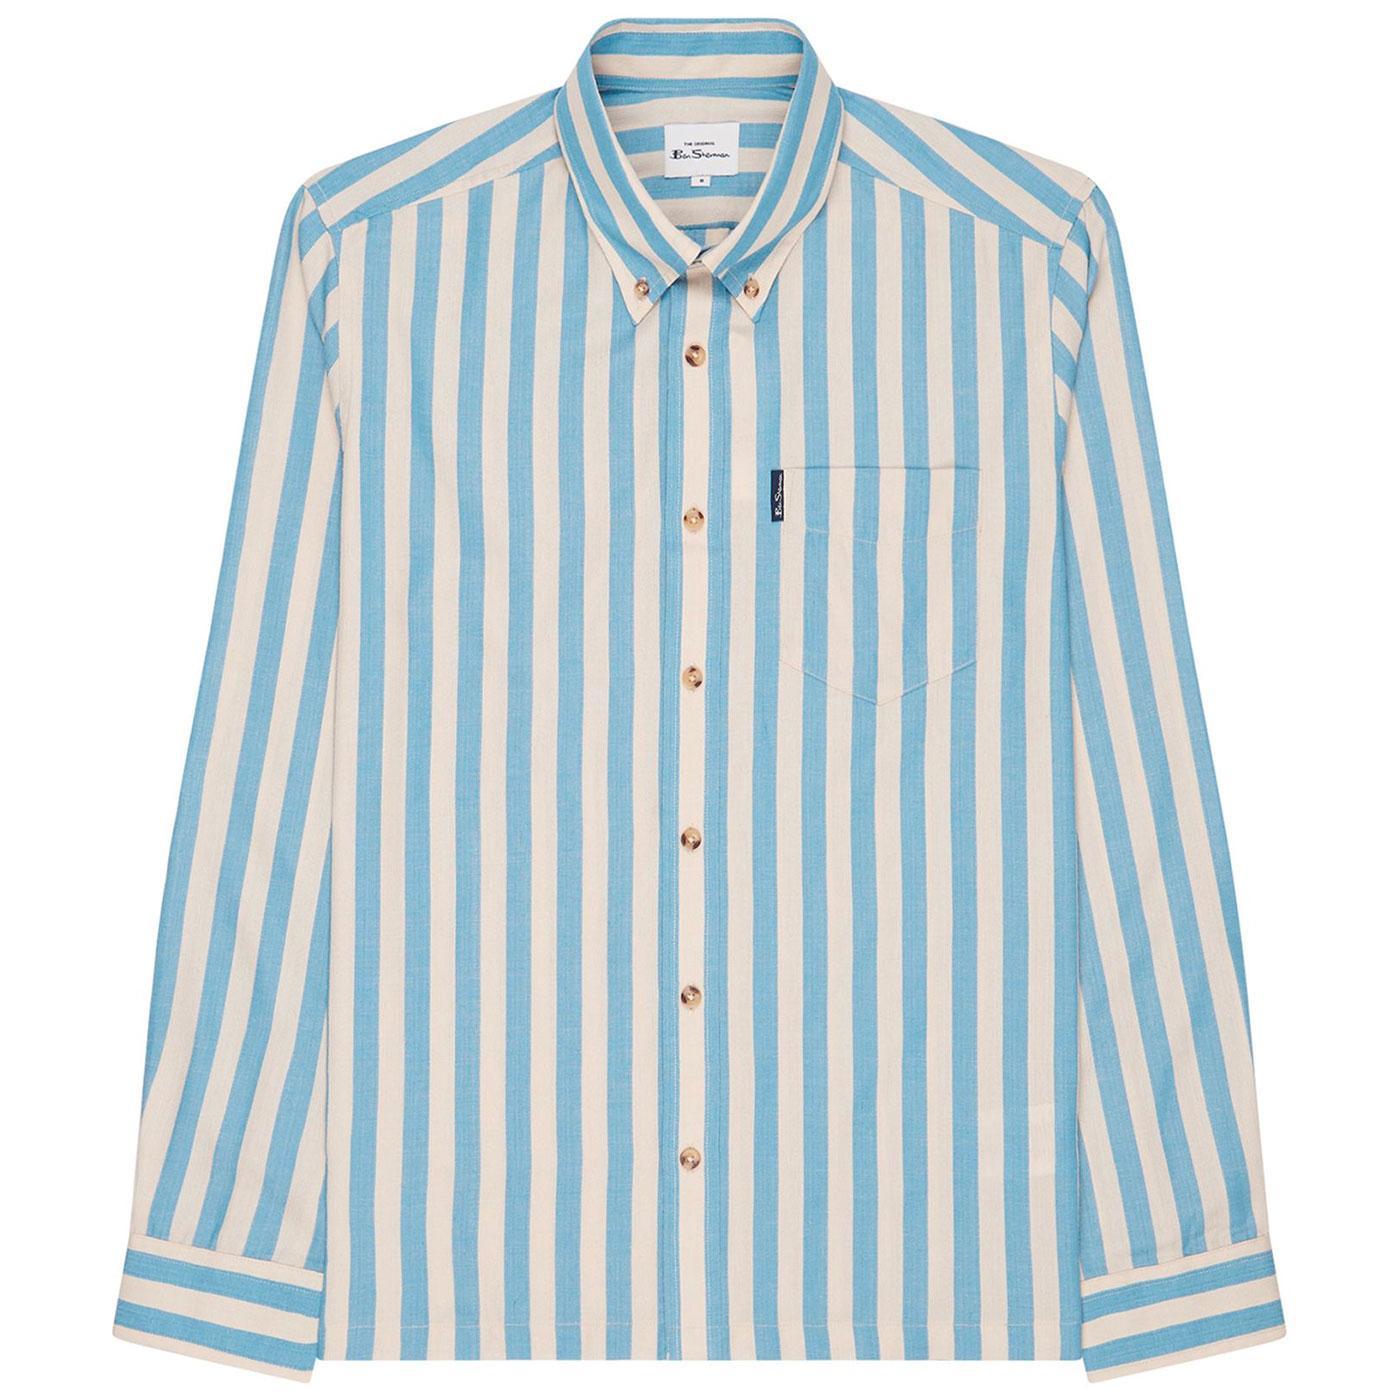 BEN SHERMAN Retro Mod 60s Candy Stripe Shirt